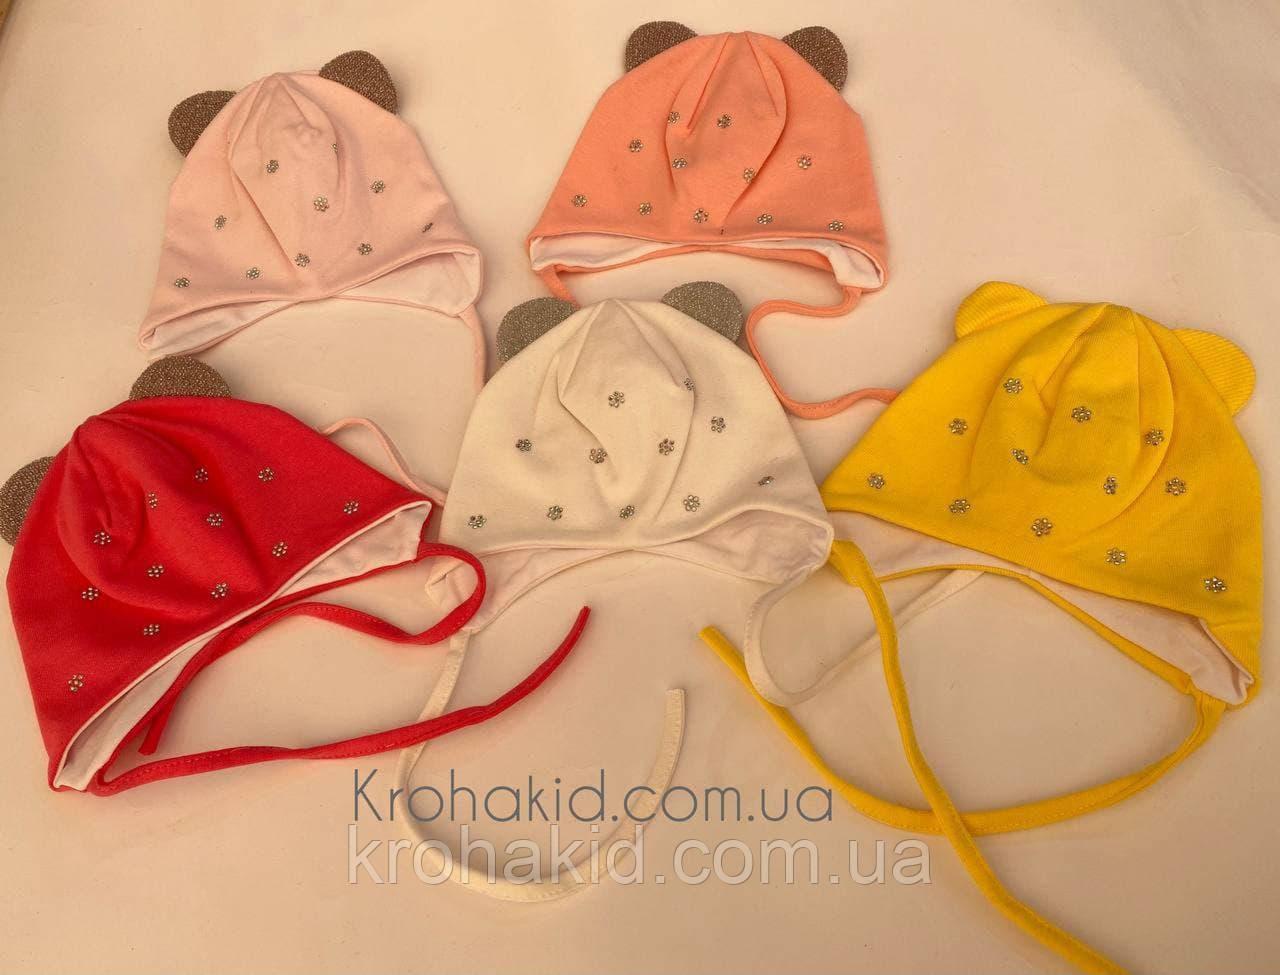 Трикотажні шапочки для новонародженого з зав'язочками на вік 0-3 міс